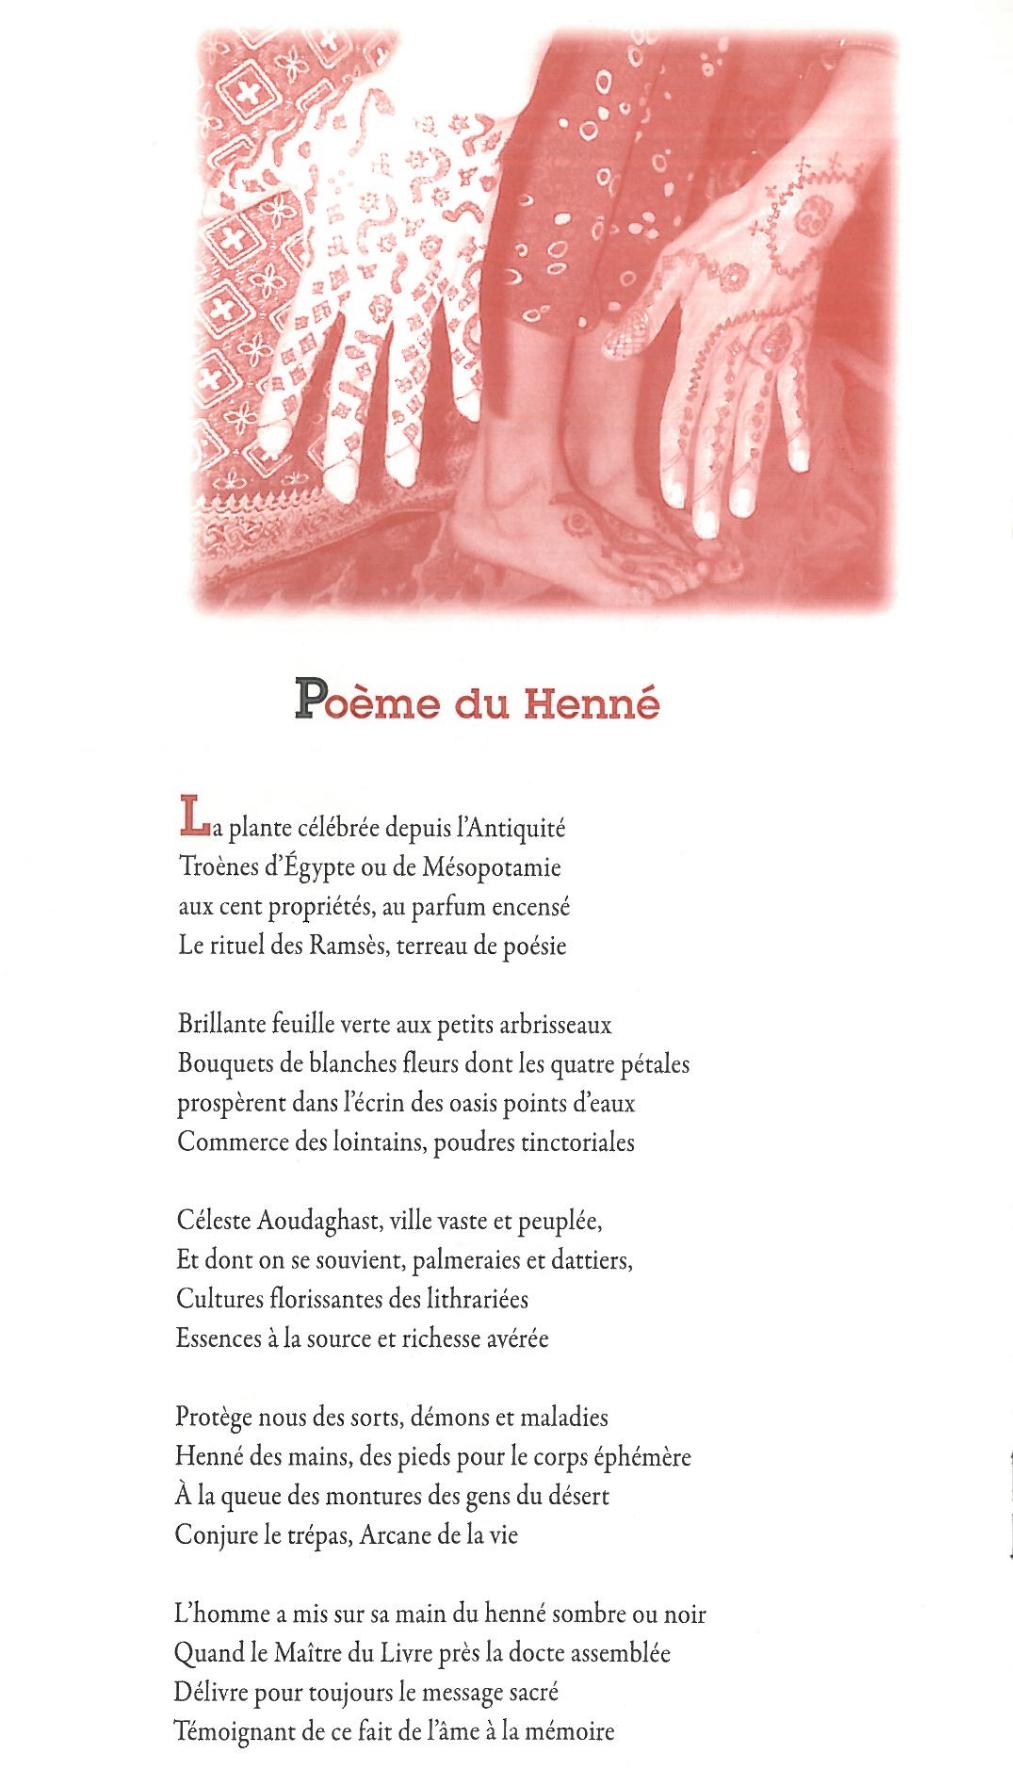 Poème du henné